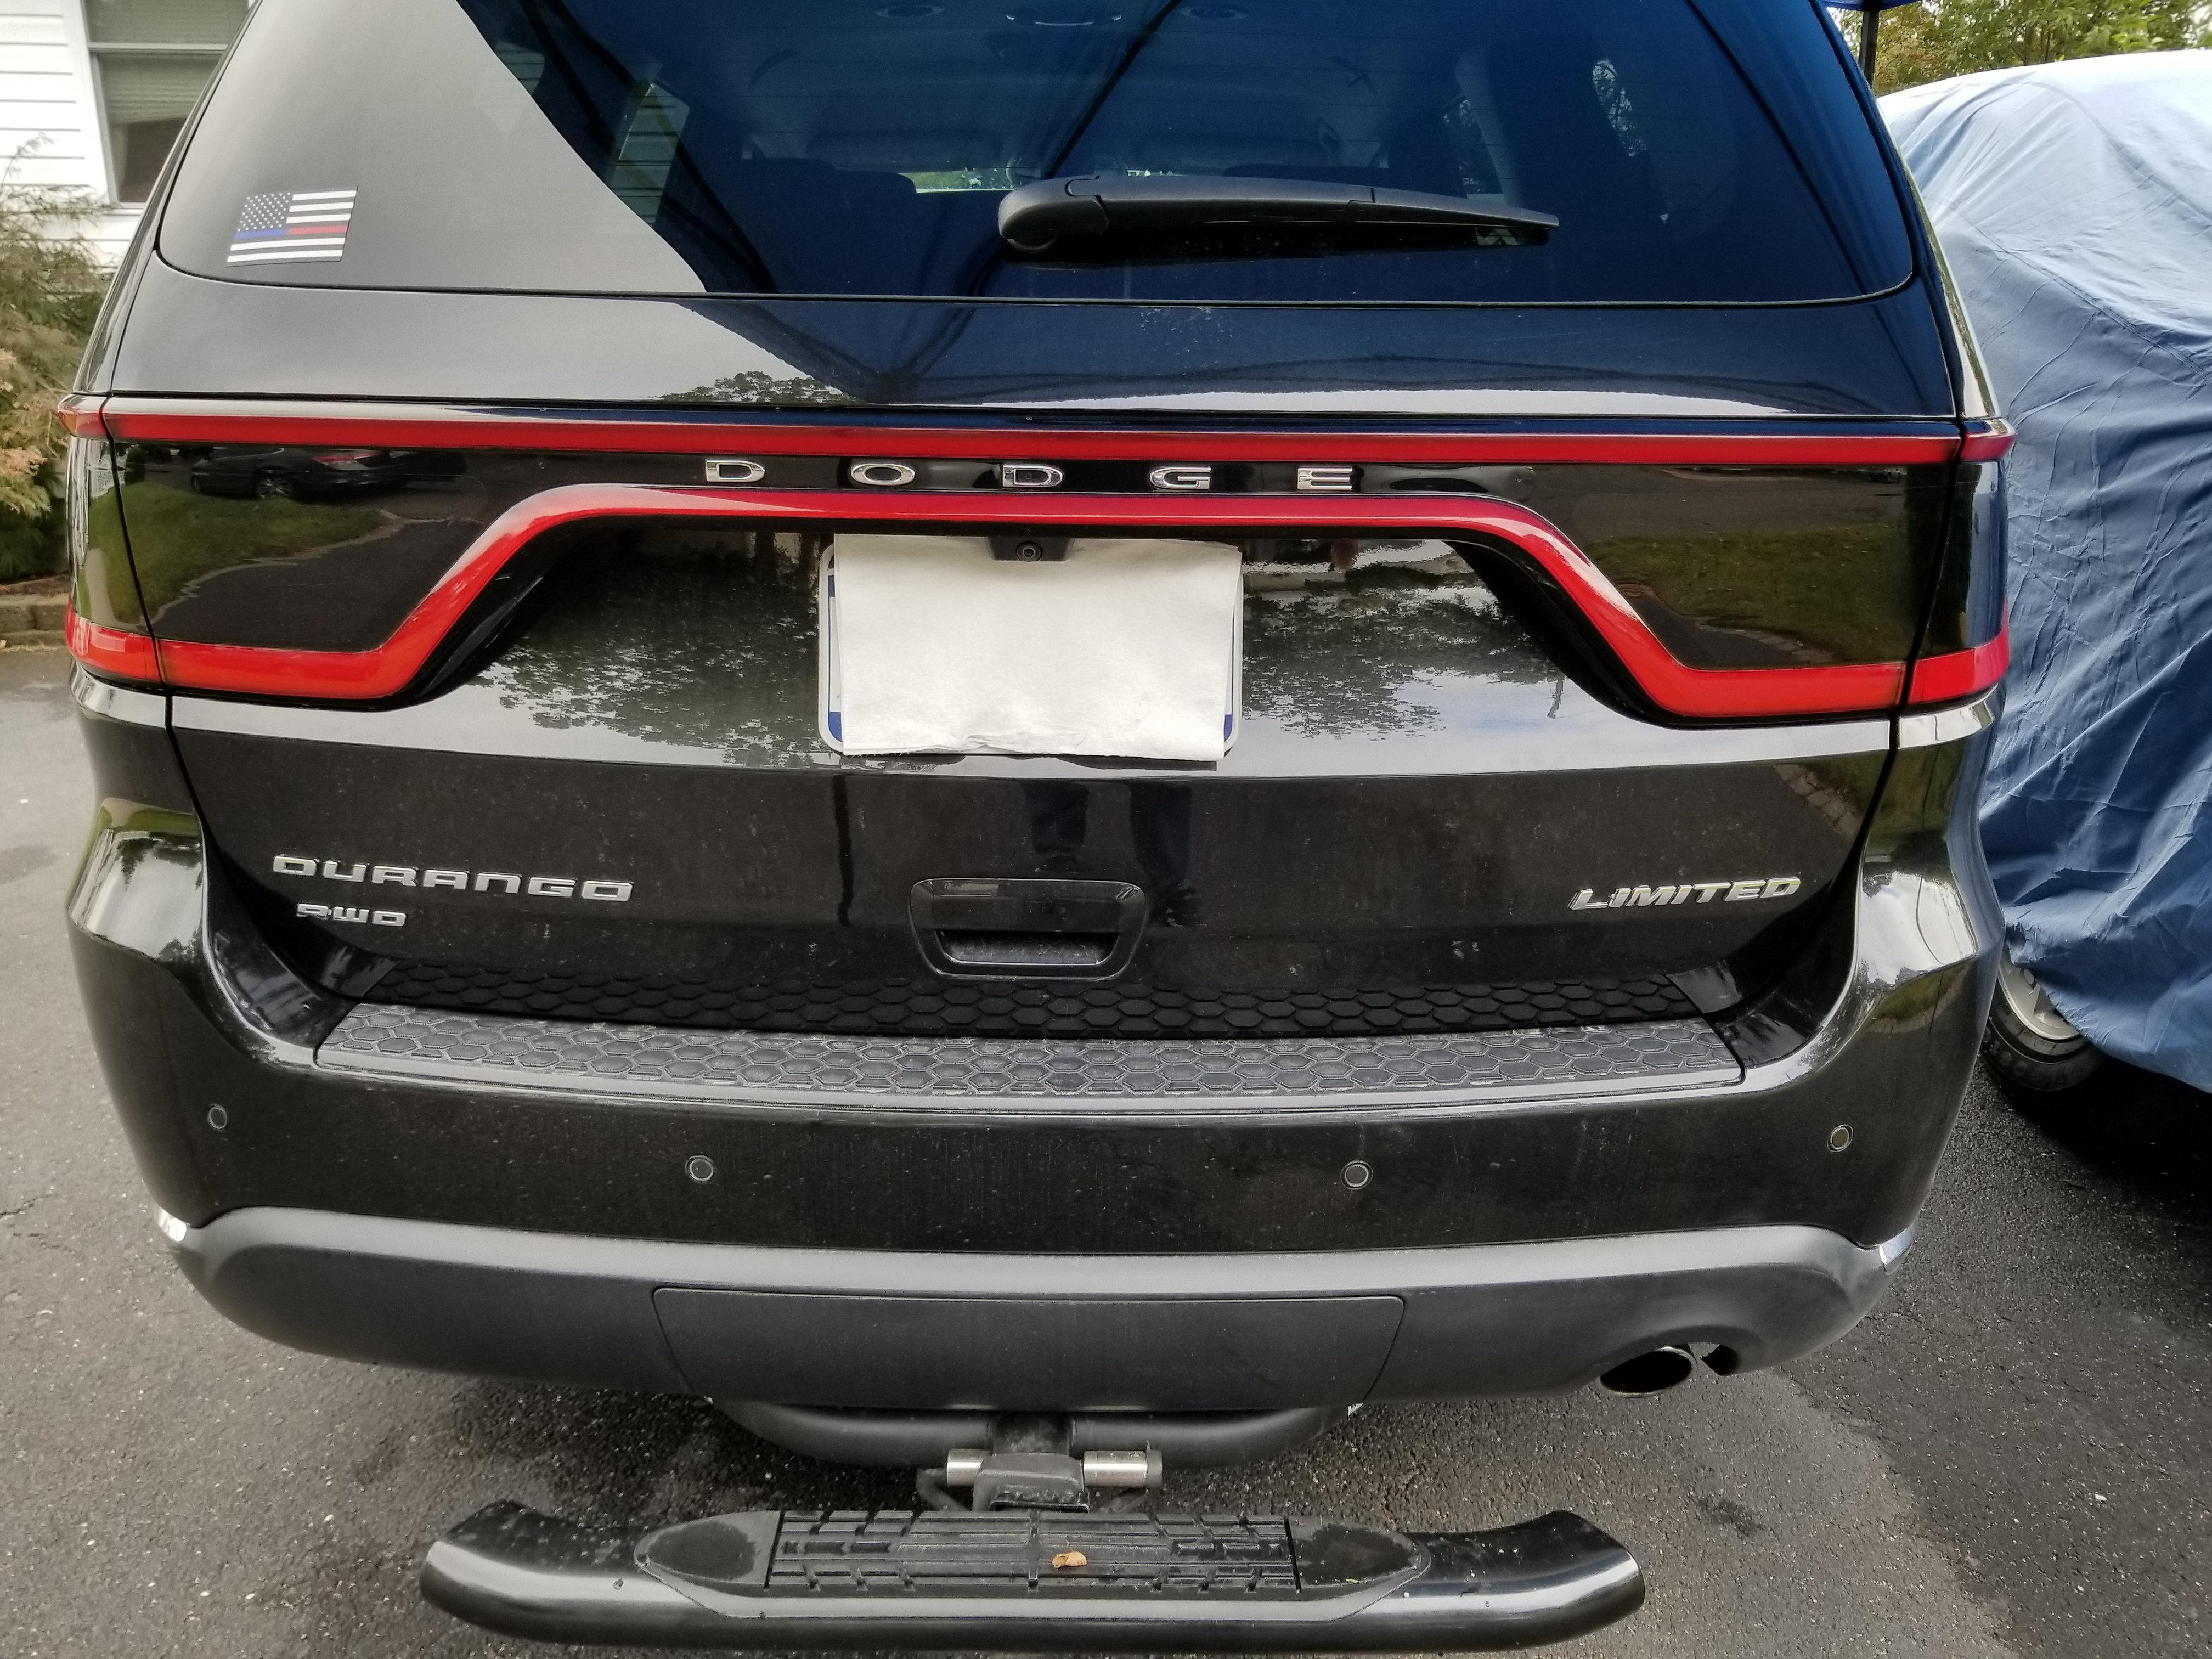 2013 Dodge Durango Tail Light Blackouts Clean Cut Decals